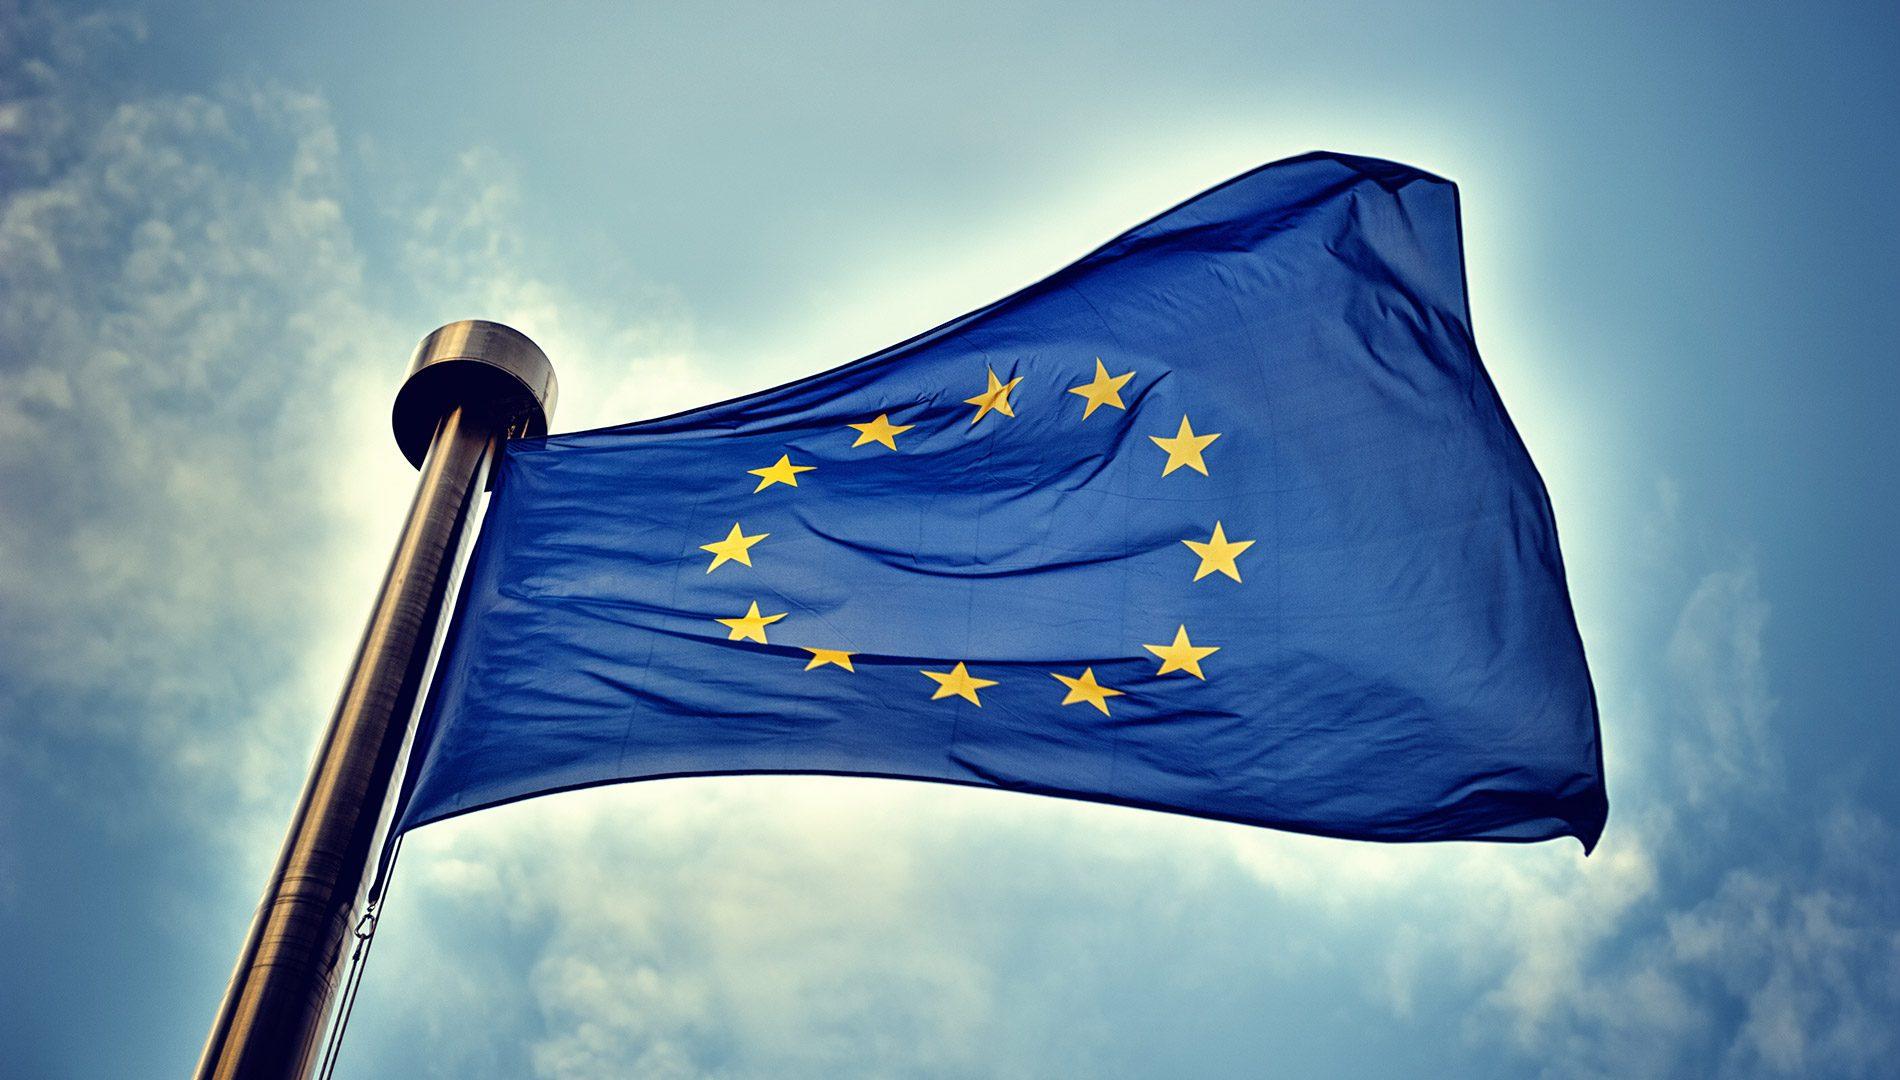 EU_Flaf